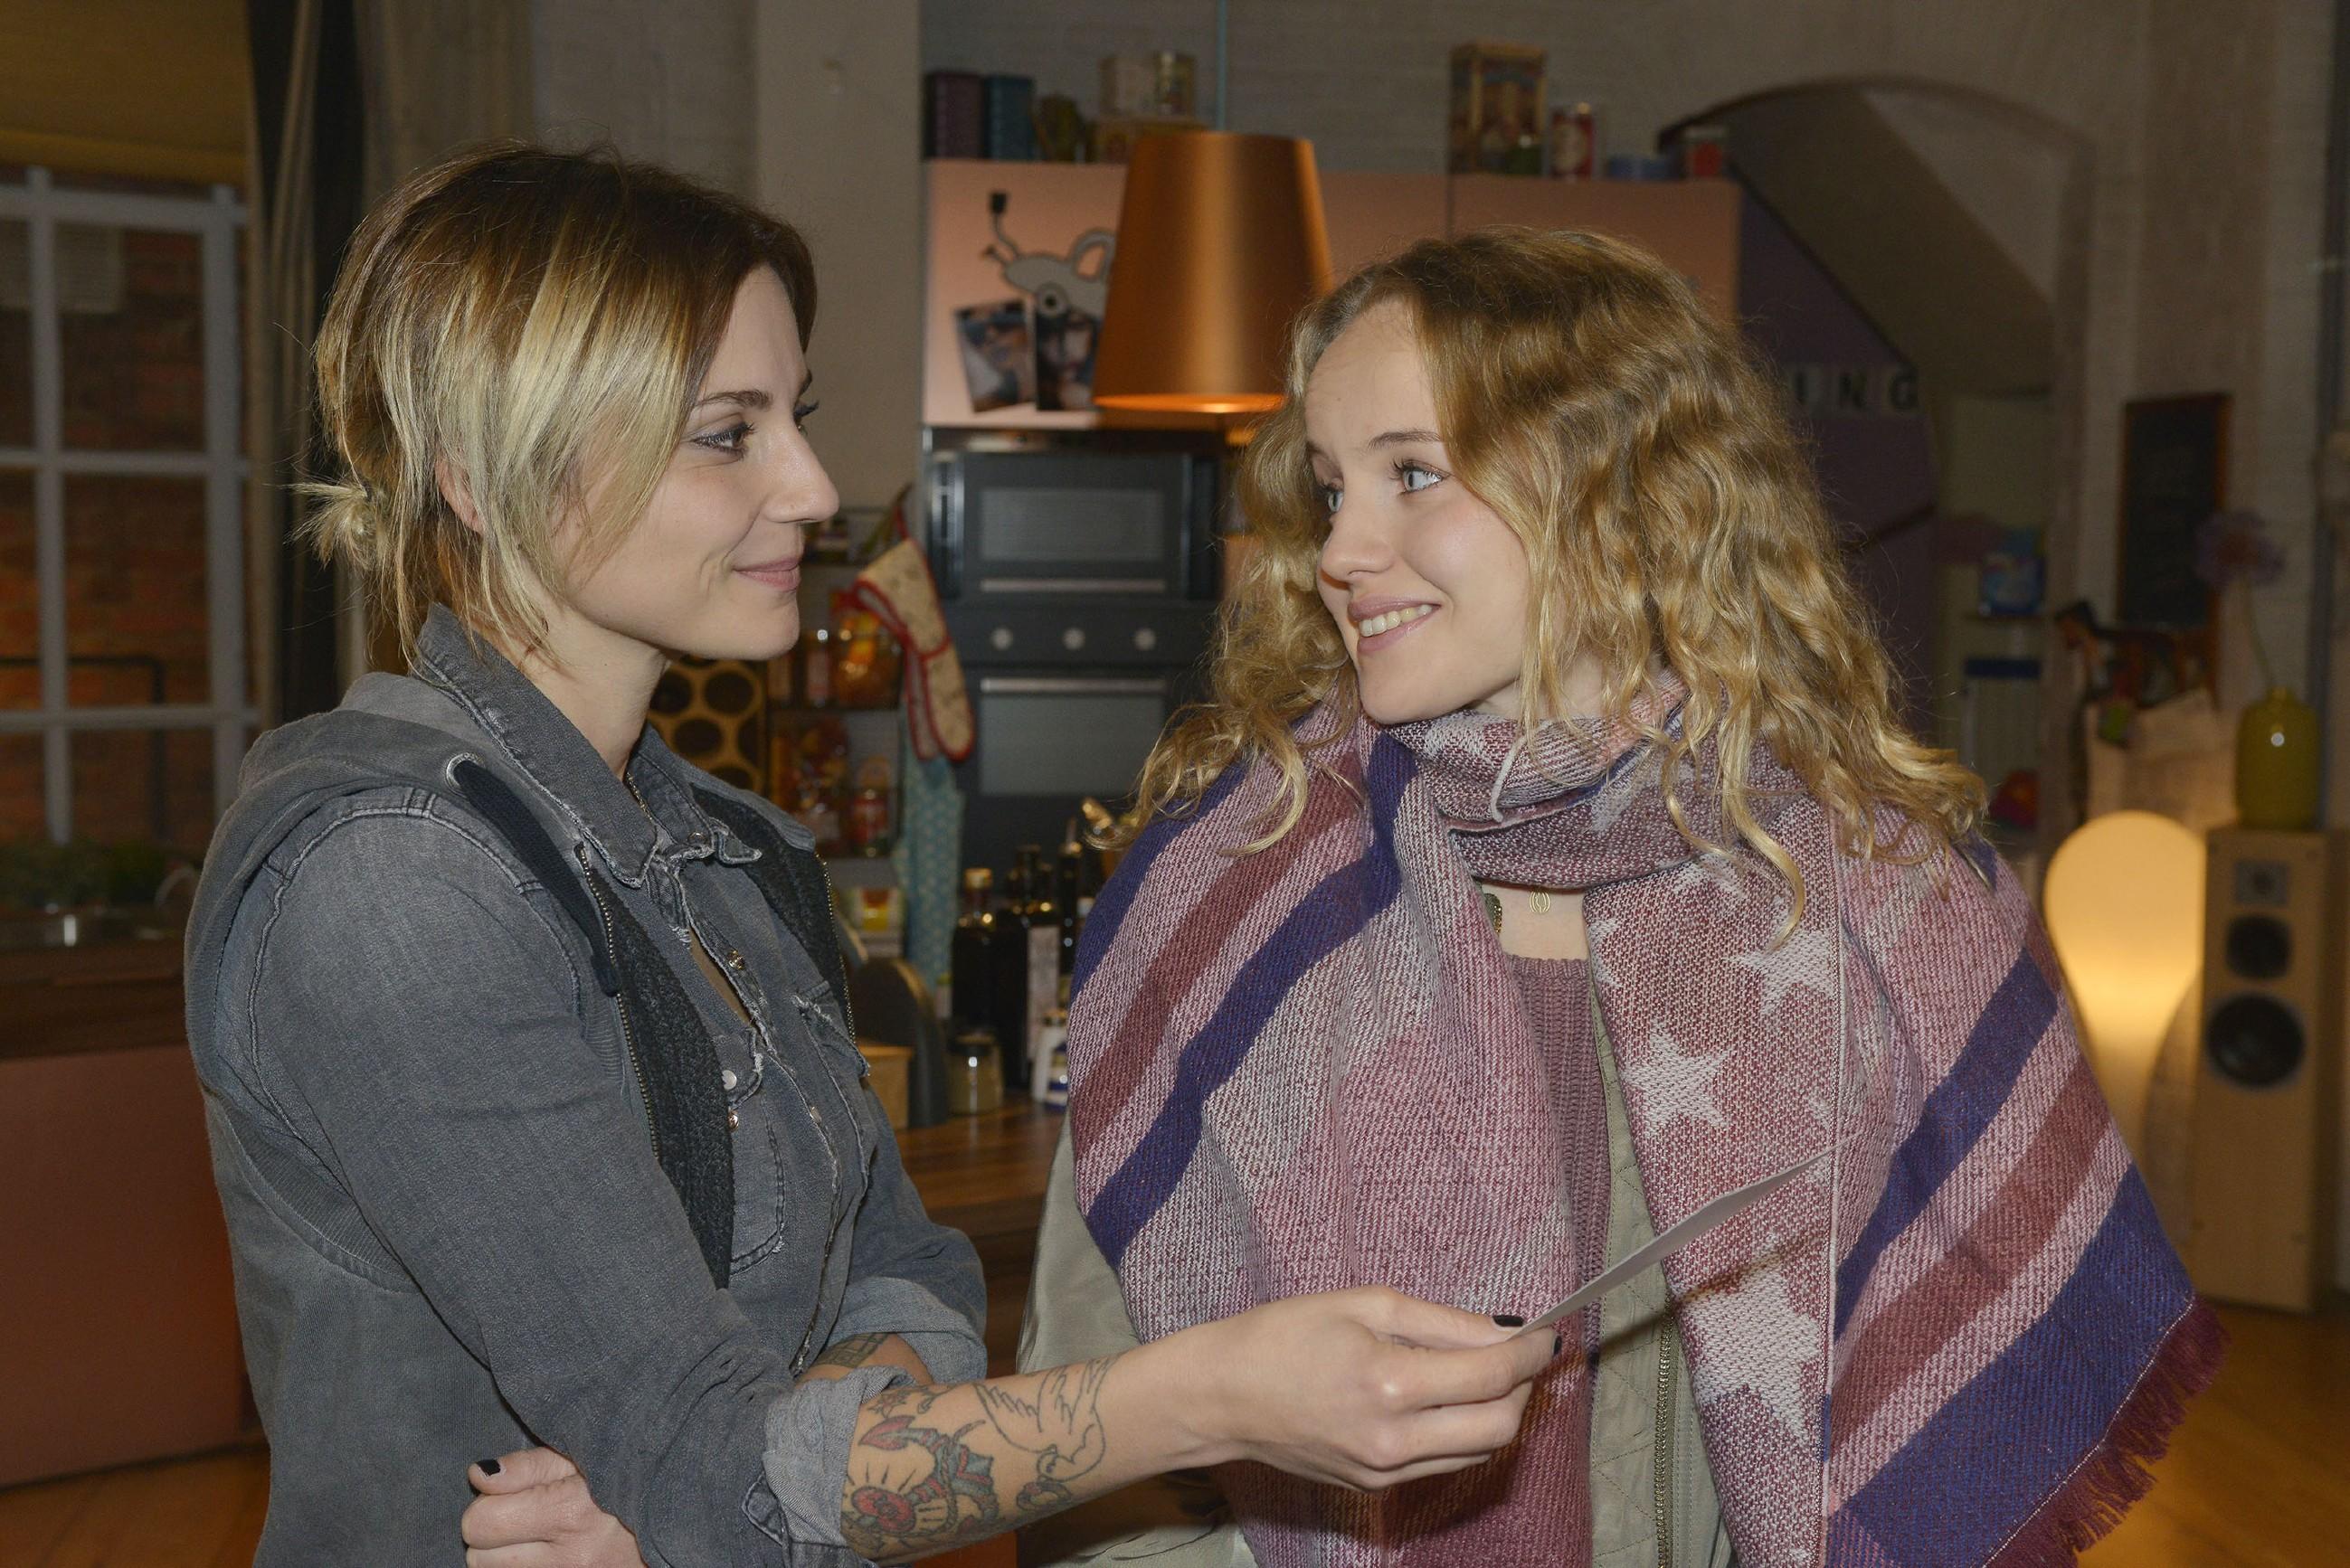 Jule (Luise von Finckh, r.) ist berührt, als sich Anni (Linda Marlen Runge) ihr gegenüber ein wenig öffnet. (Quelle: RTL / Rolf Baumgartner)